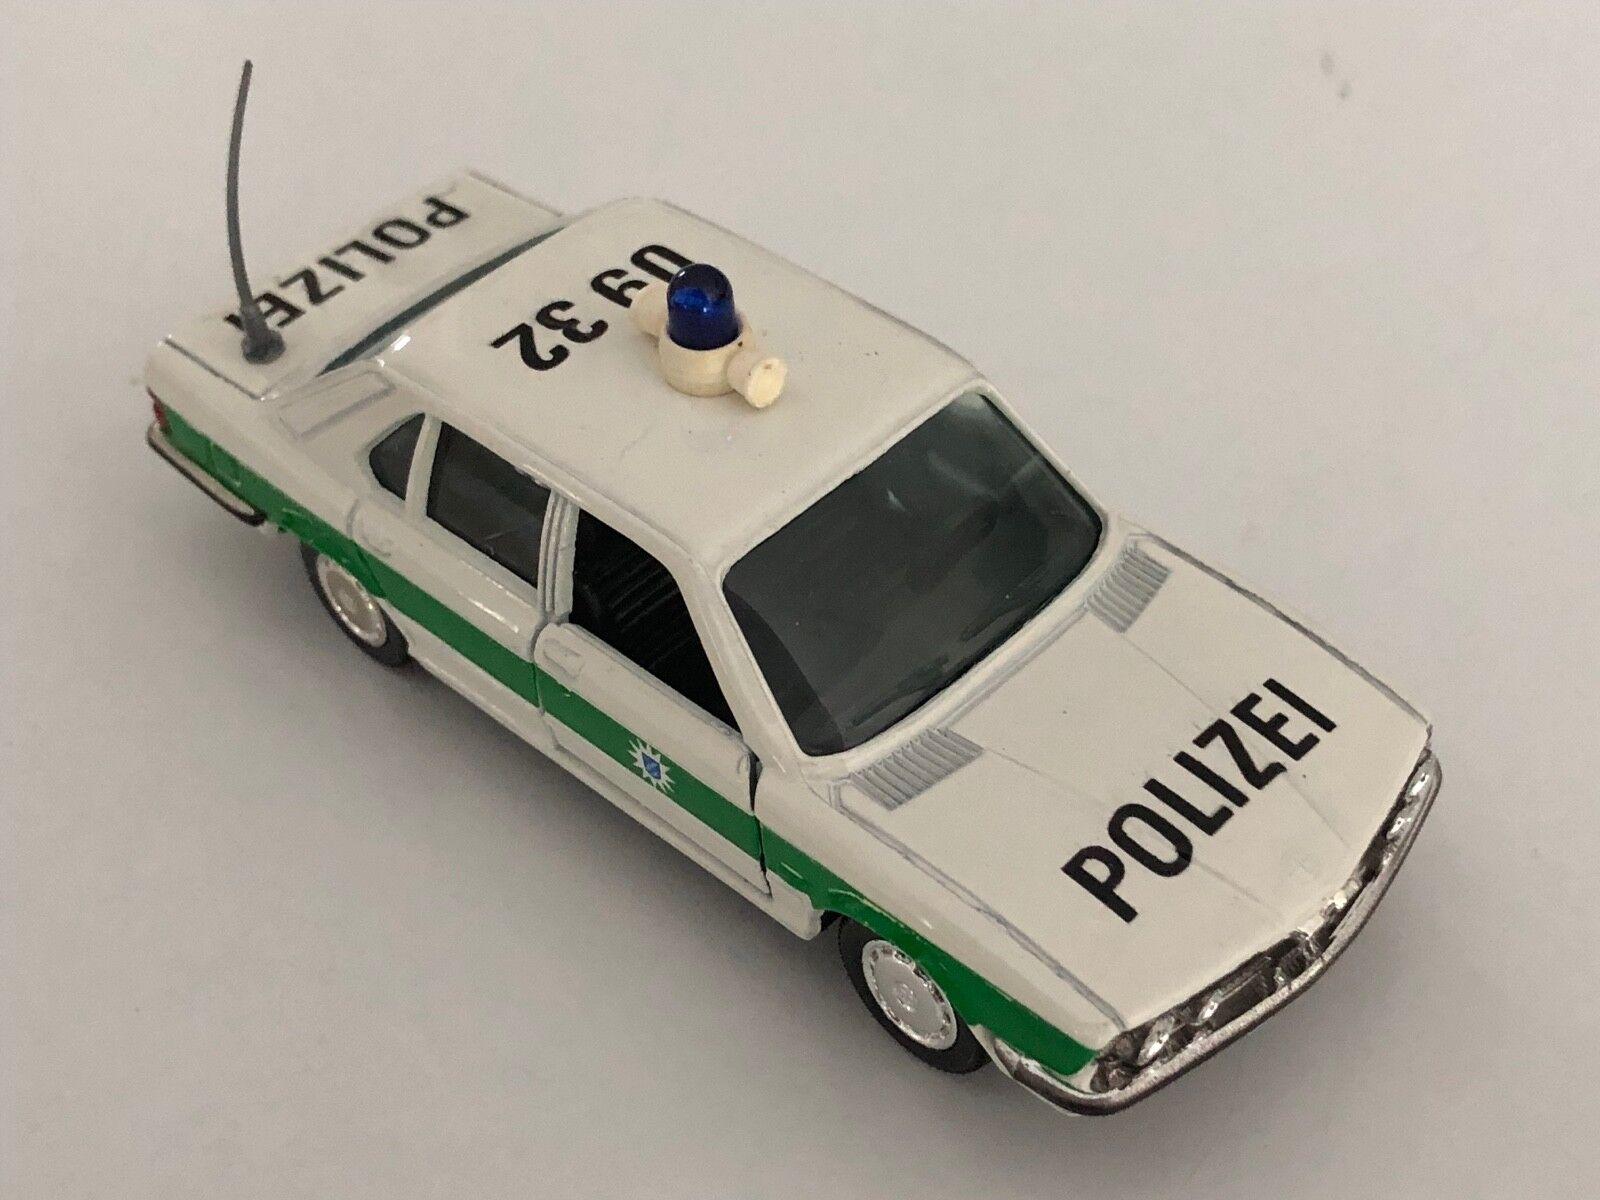 GAMA BMW 528i E28 Weiß & Grün  Polizei  1 43 scale diecast model   1155